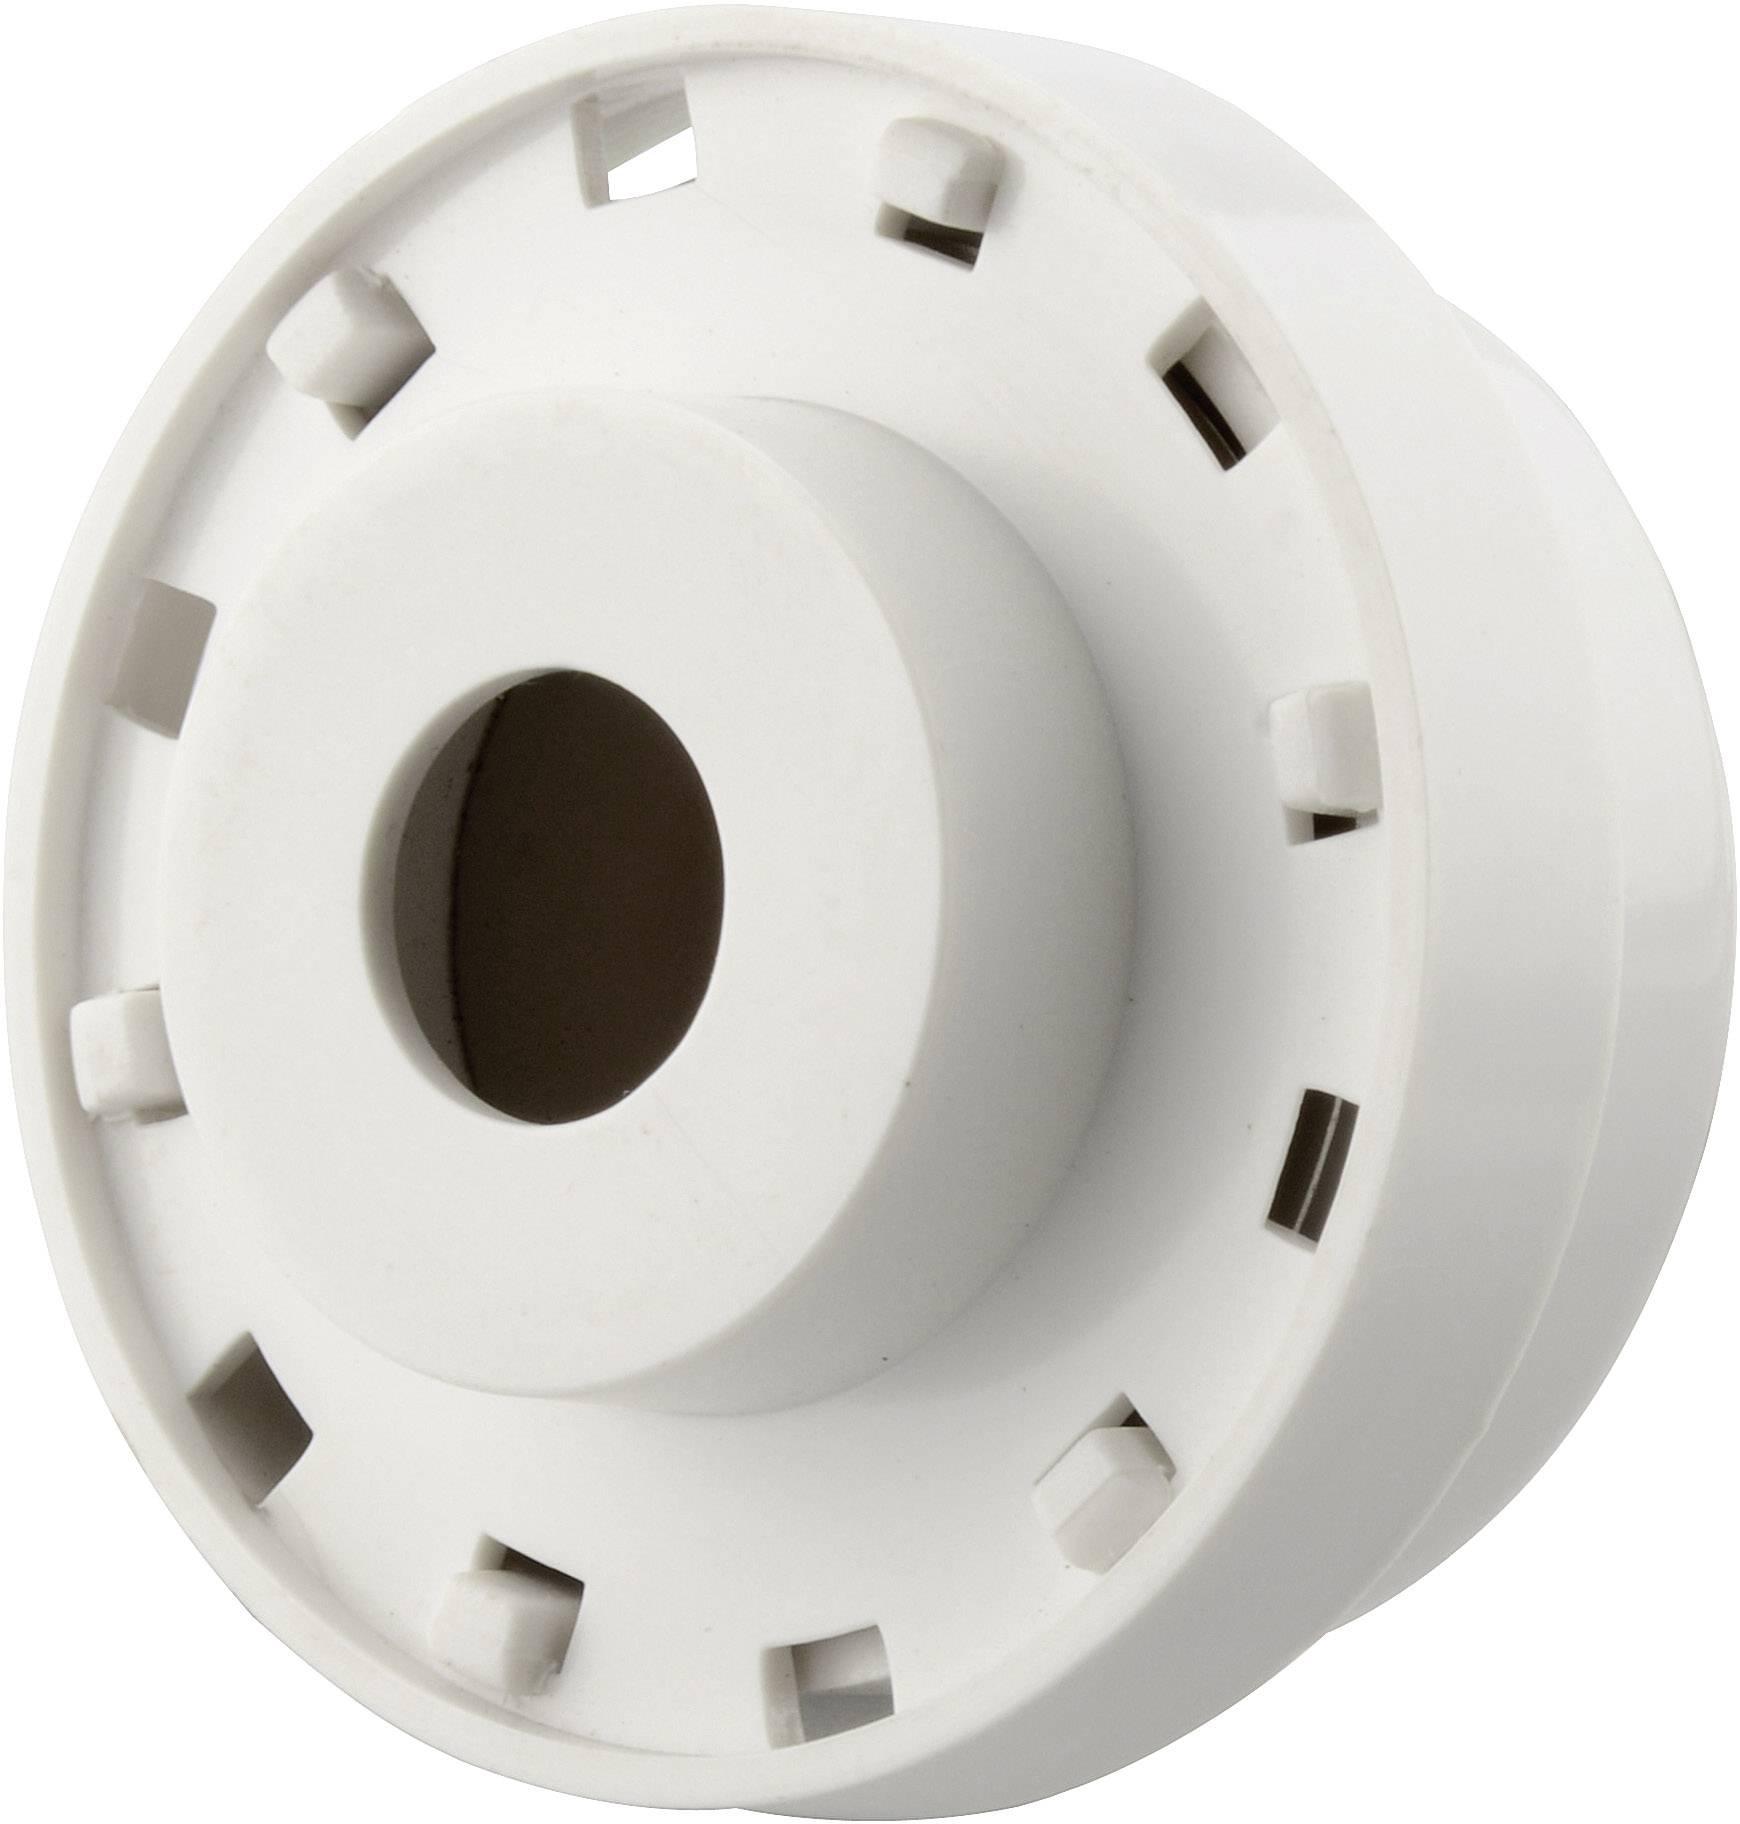 sirene alarme 12v filaire top sirne v impermables sonores dualarme et dualarme flash filaires. Black Bedroom Furniture Sets. Home Design Ideas